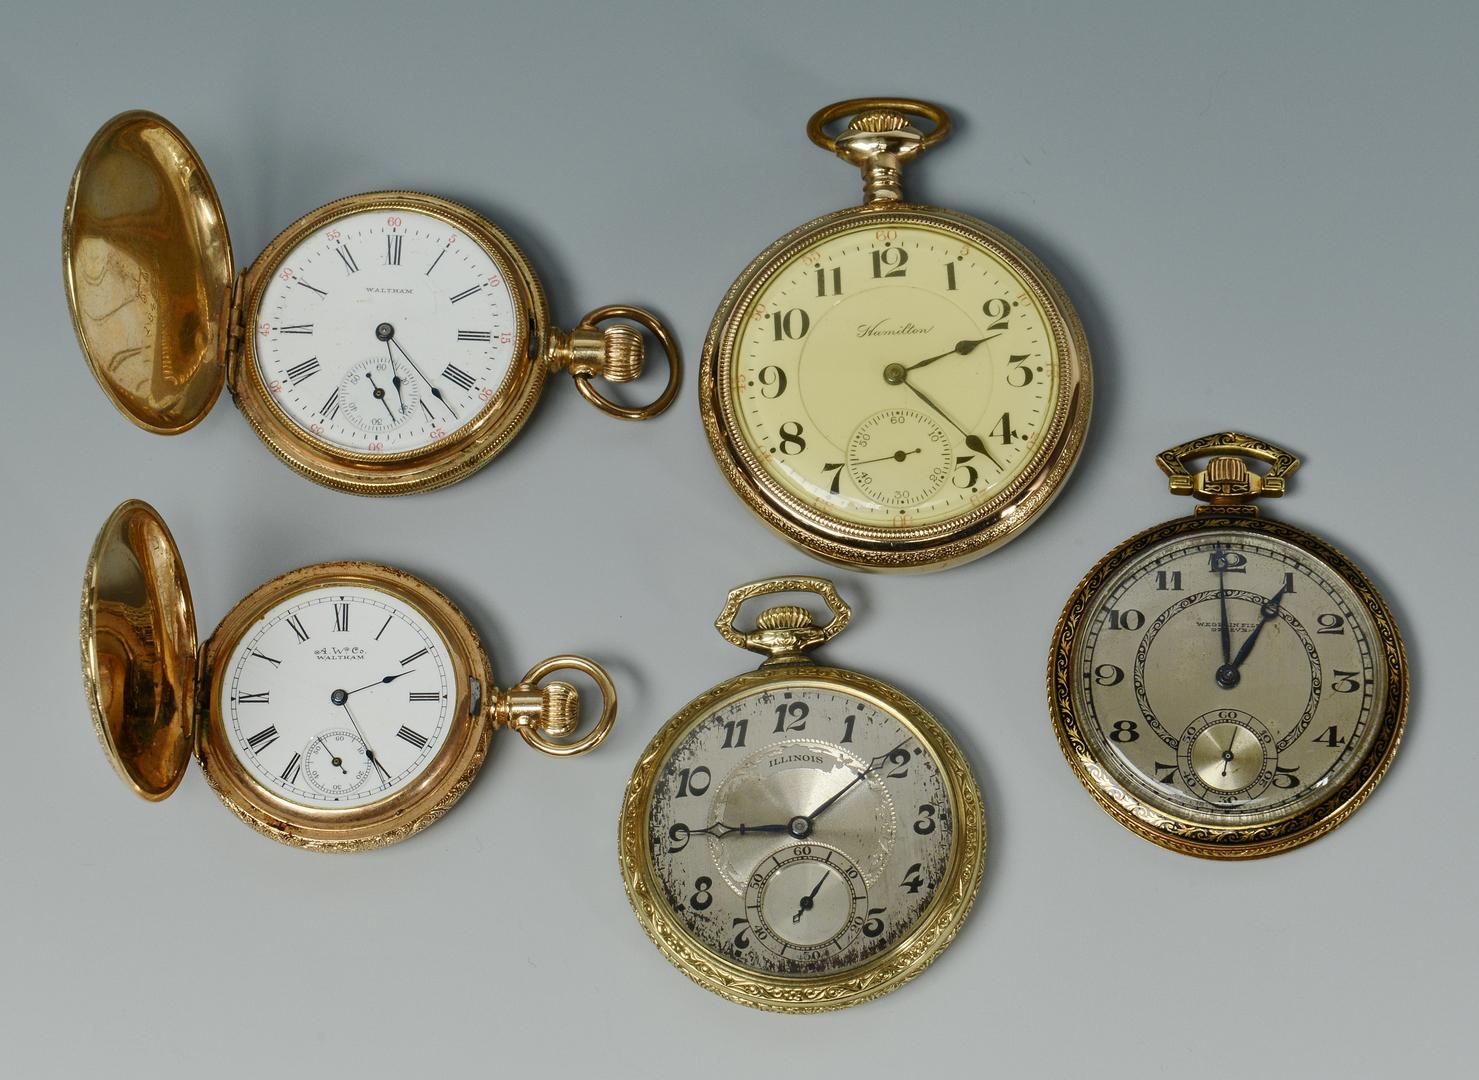 Lot 3088227: 5 Pocket Watches incl 18k Wegelin Fils